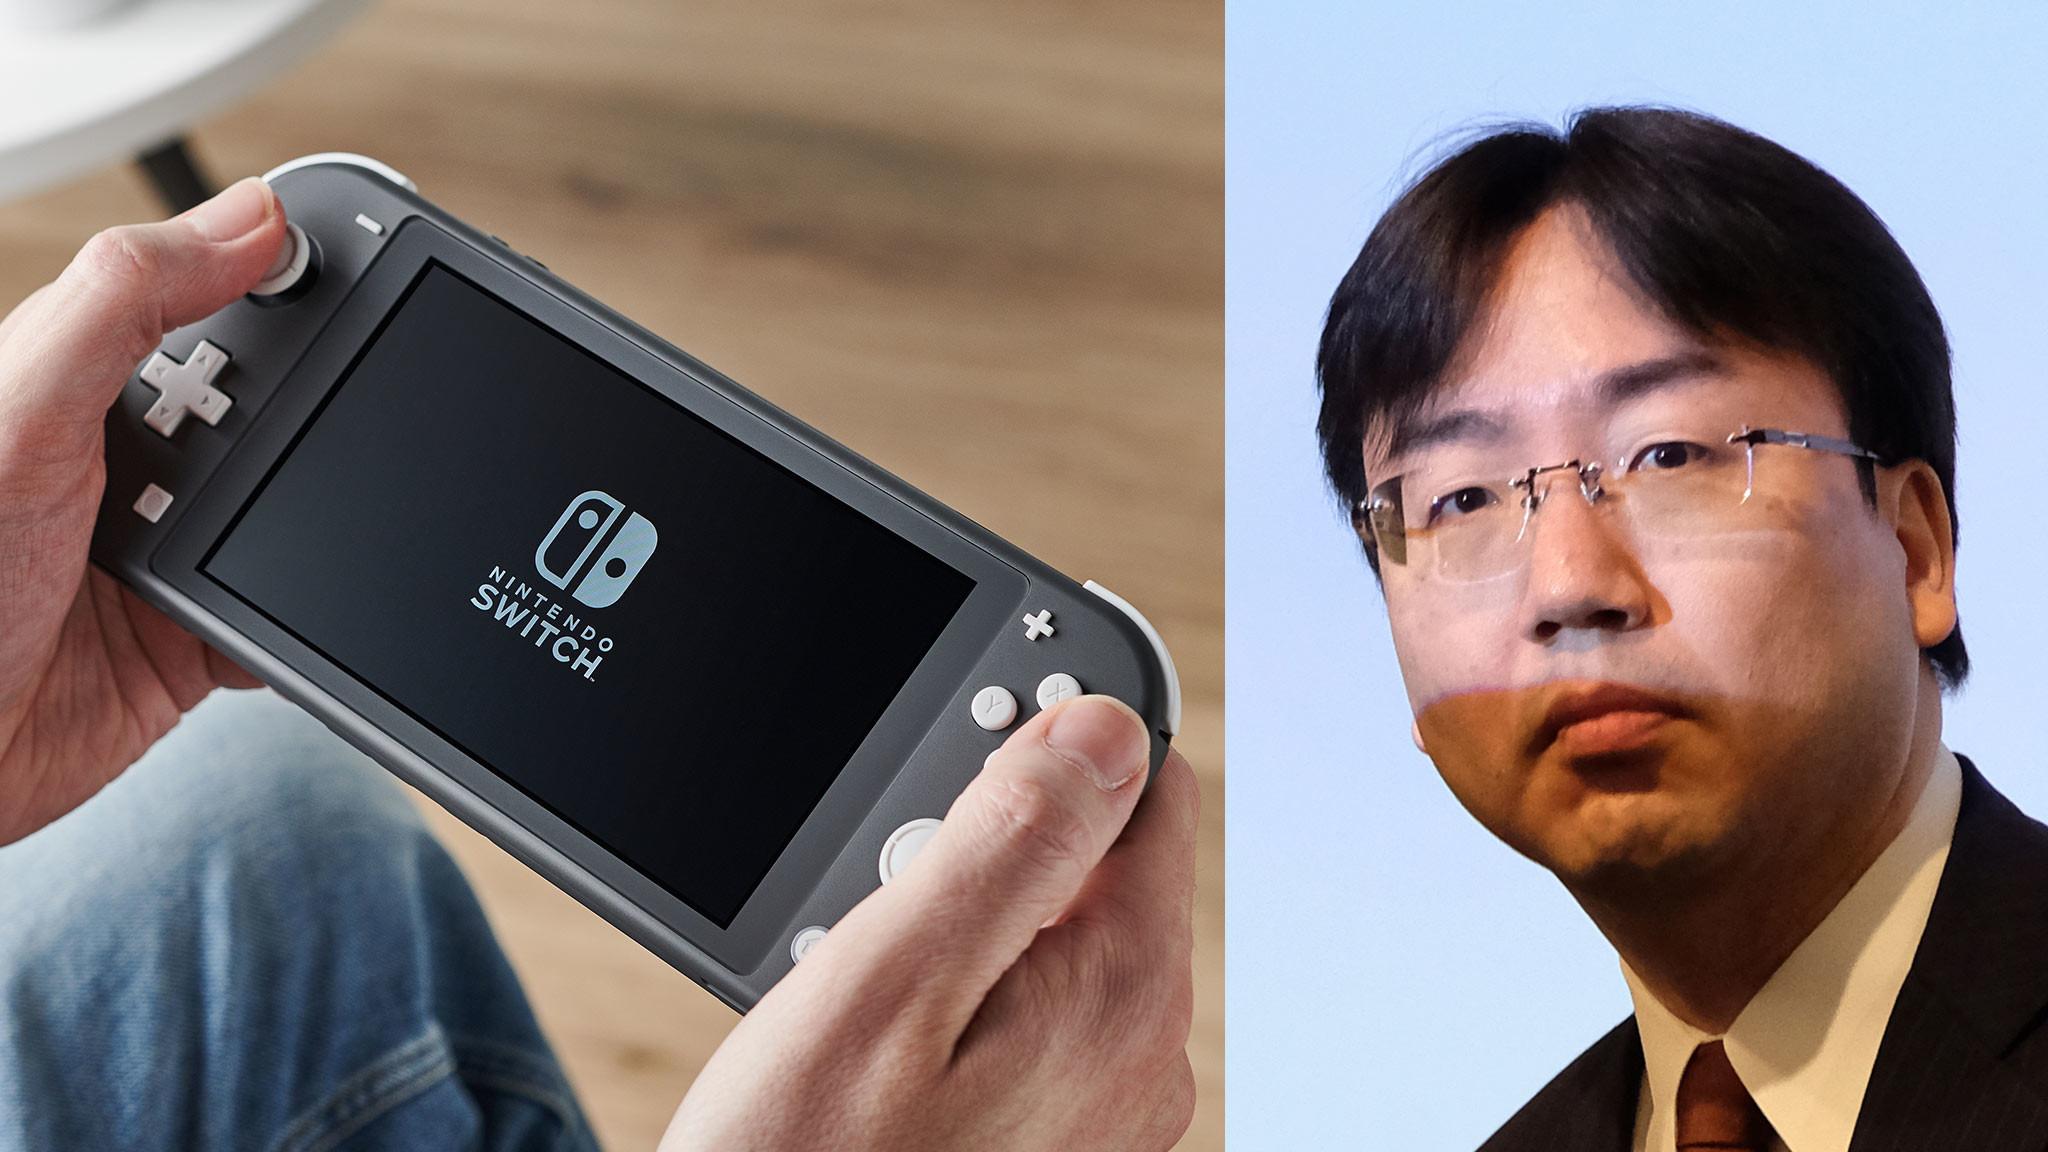 Nintendo Switch, Shuntaro Furukawa©Future Publishing/gettyimages, KAZUHIRO NOGI/gettyimages